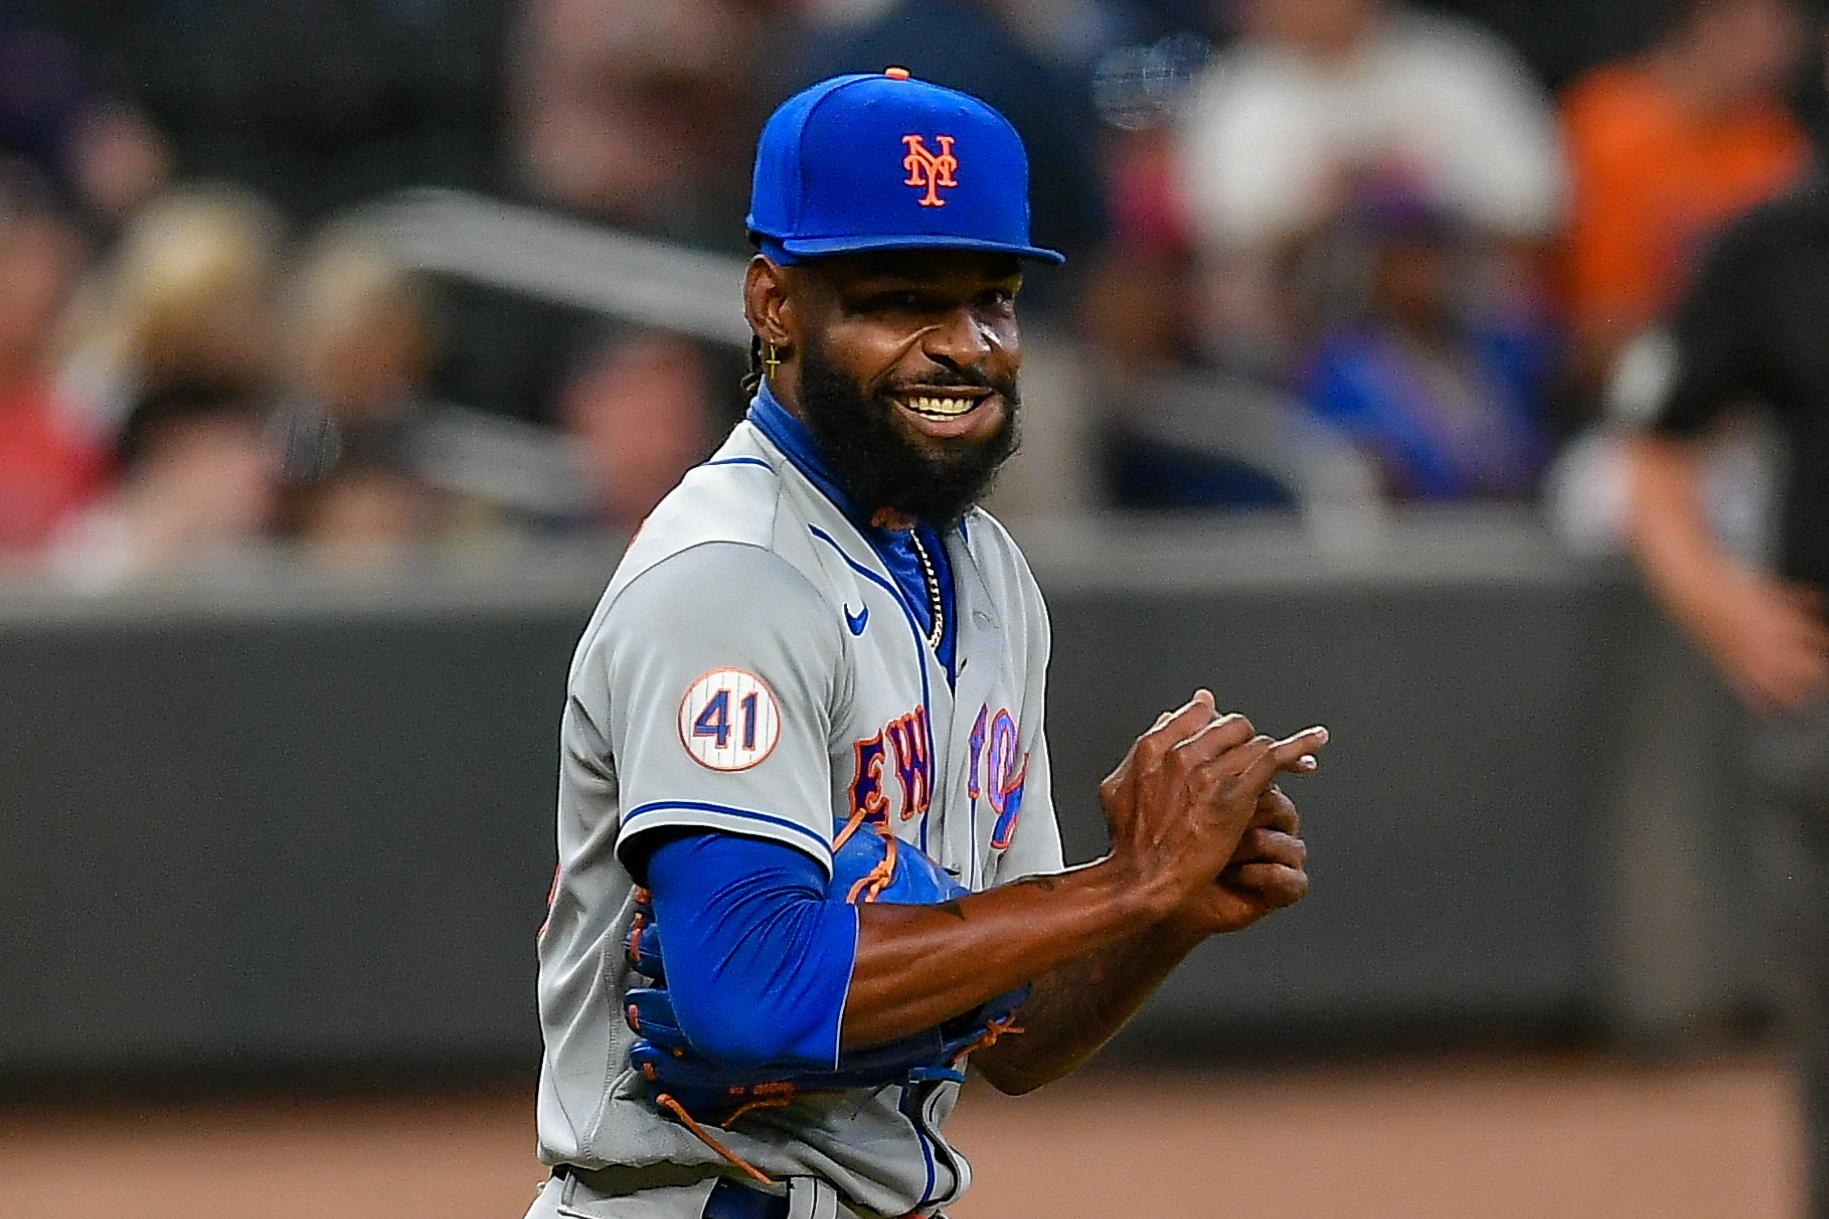 MLB: MAY 19 Mets at Braves